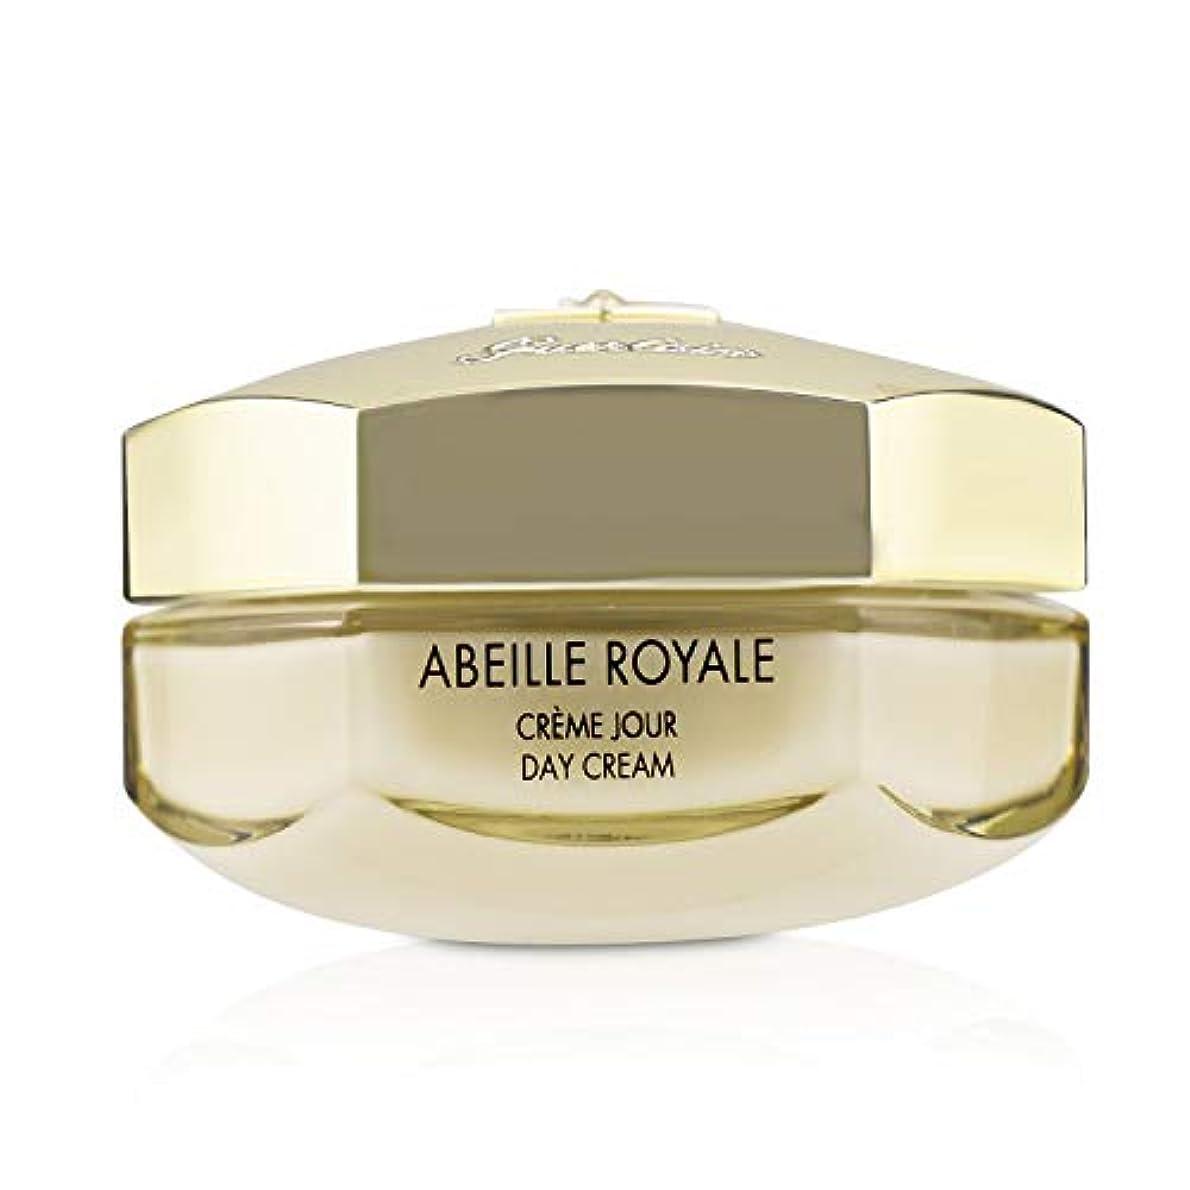 モノグラフ少し検索ゲラン Abeille Royale Day Cream - Firms, Smoothes & Illuminates 50ml/1.6oz並行輸入品